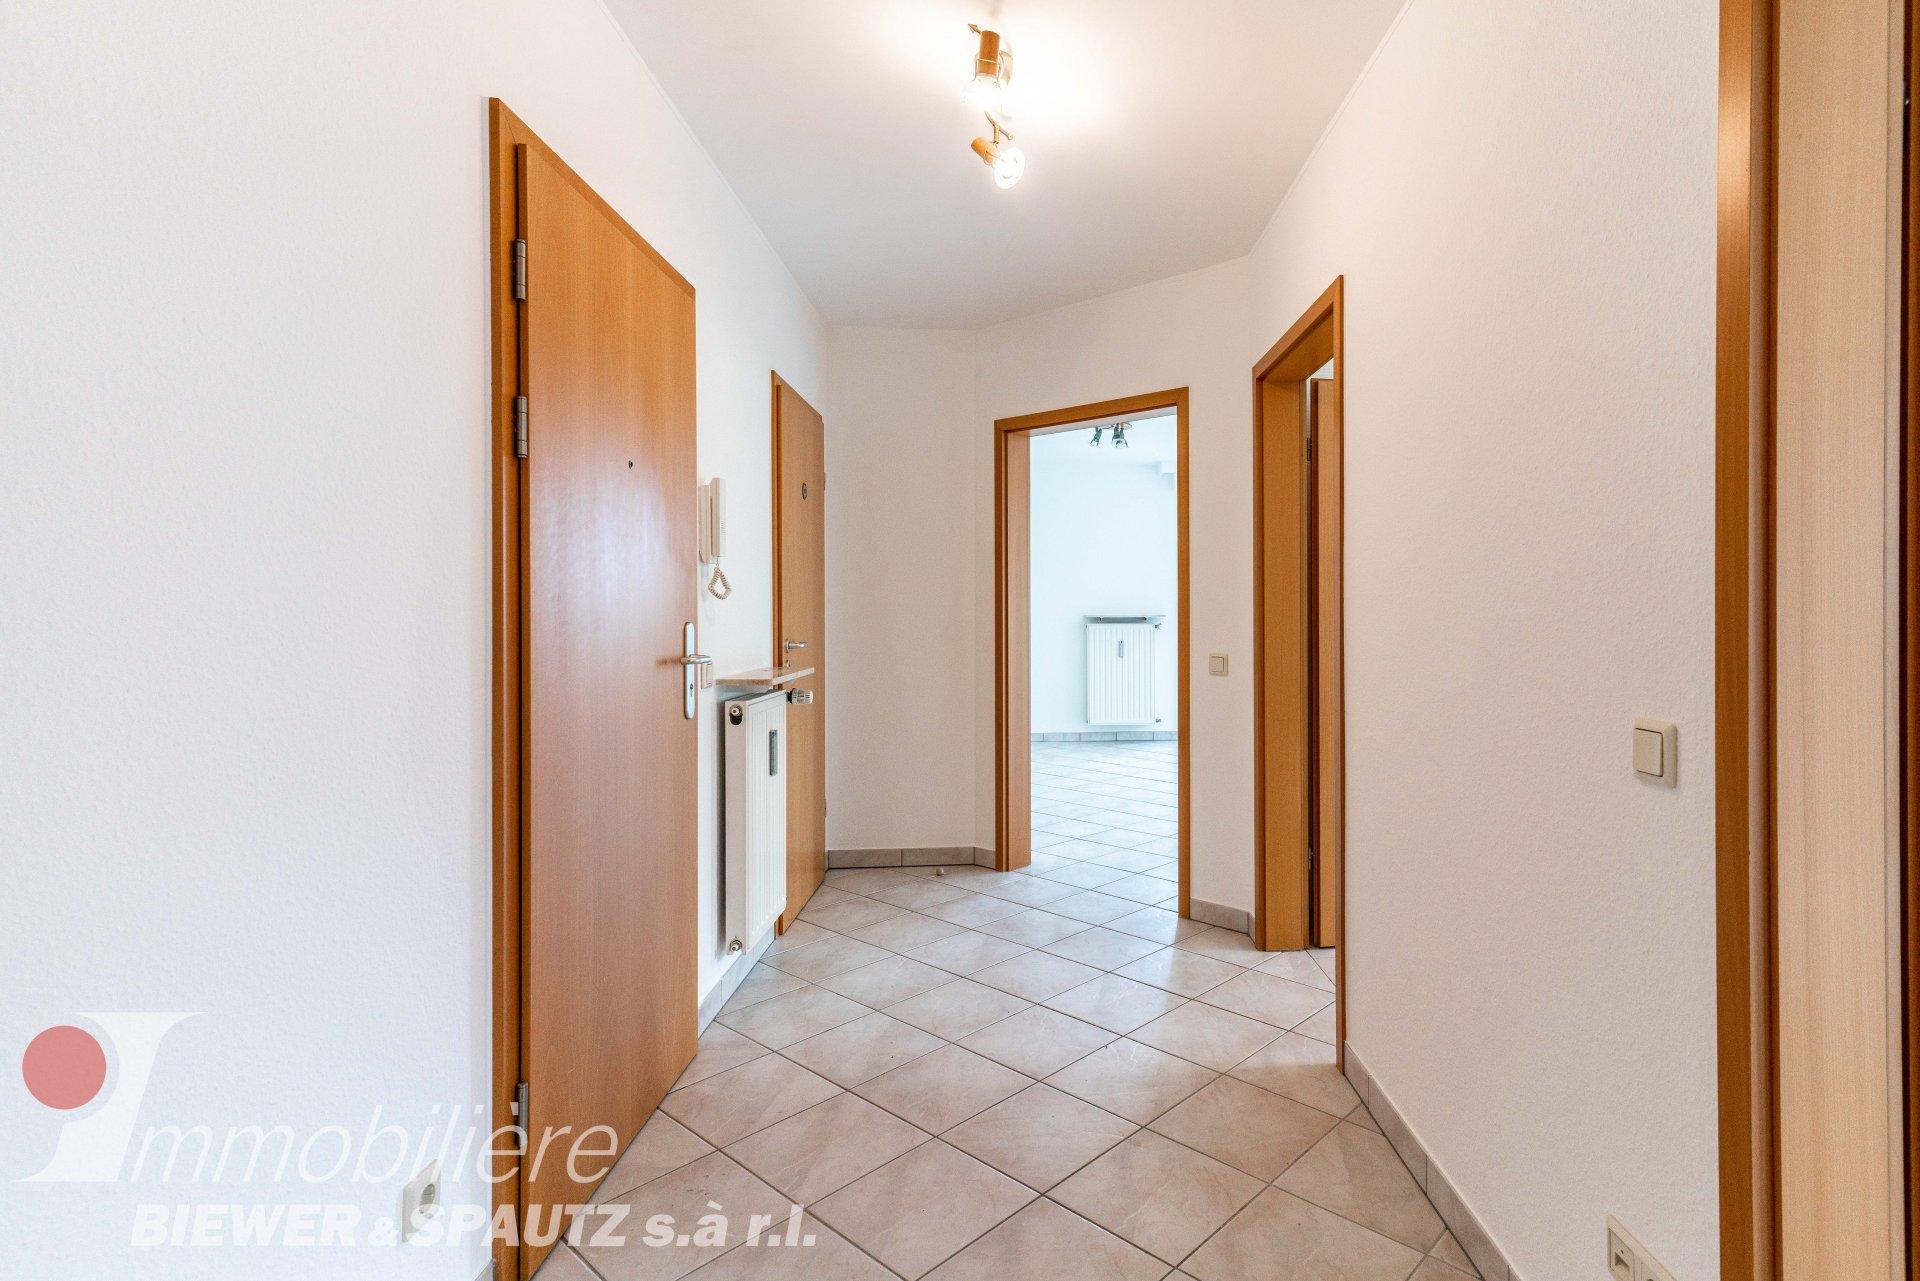 ZU VERMIETEN - Wohnung mit 1 Schlafzimmer in Luxemburg-Beggen